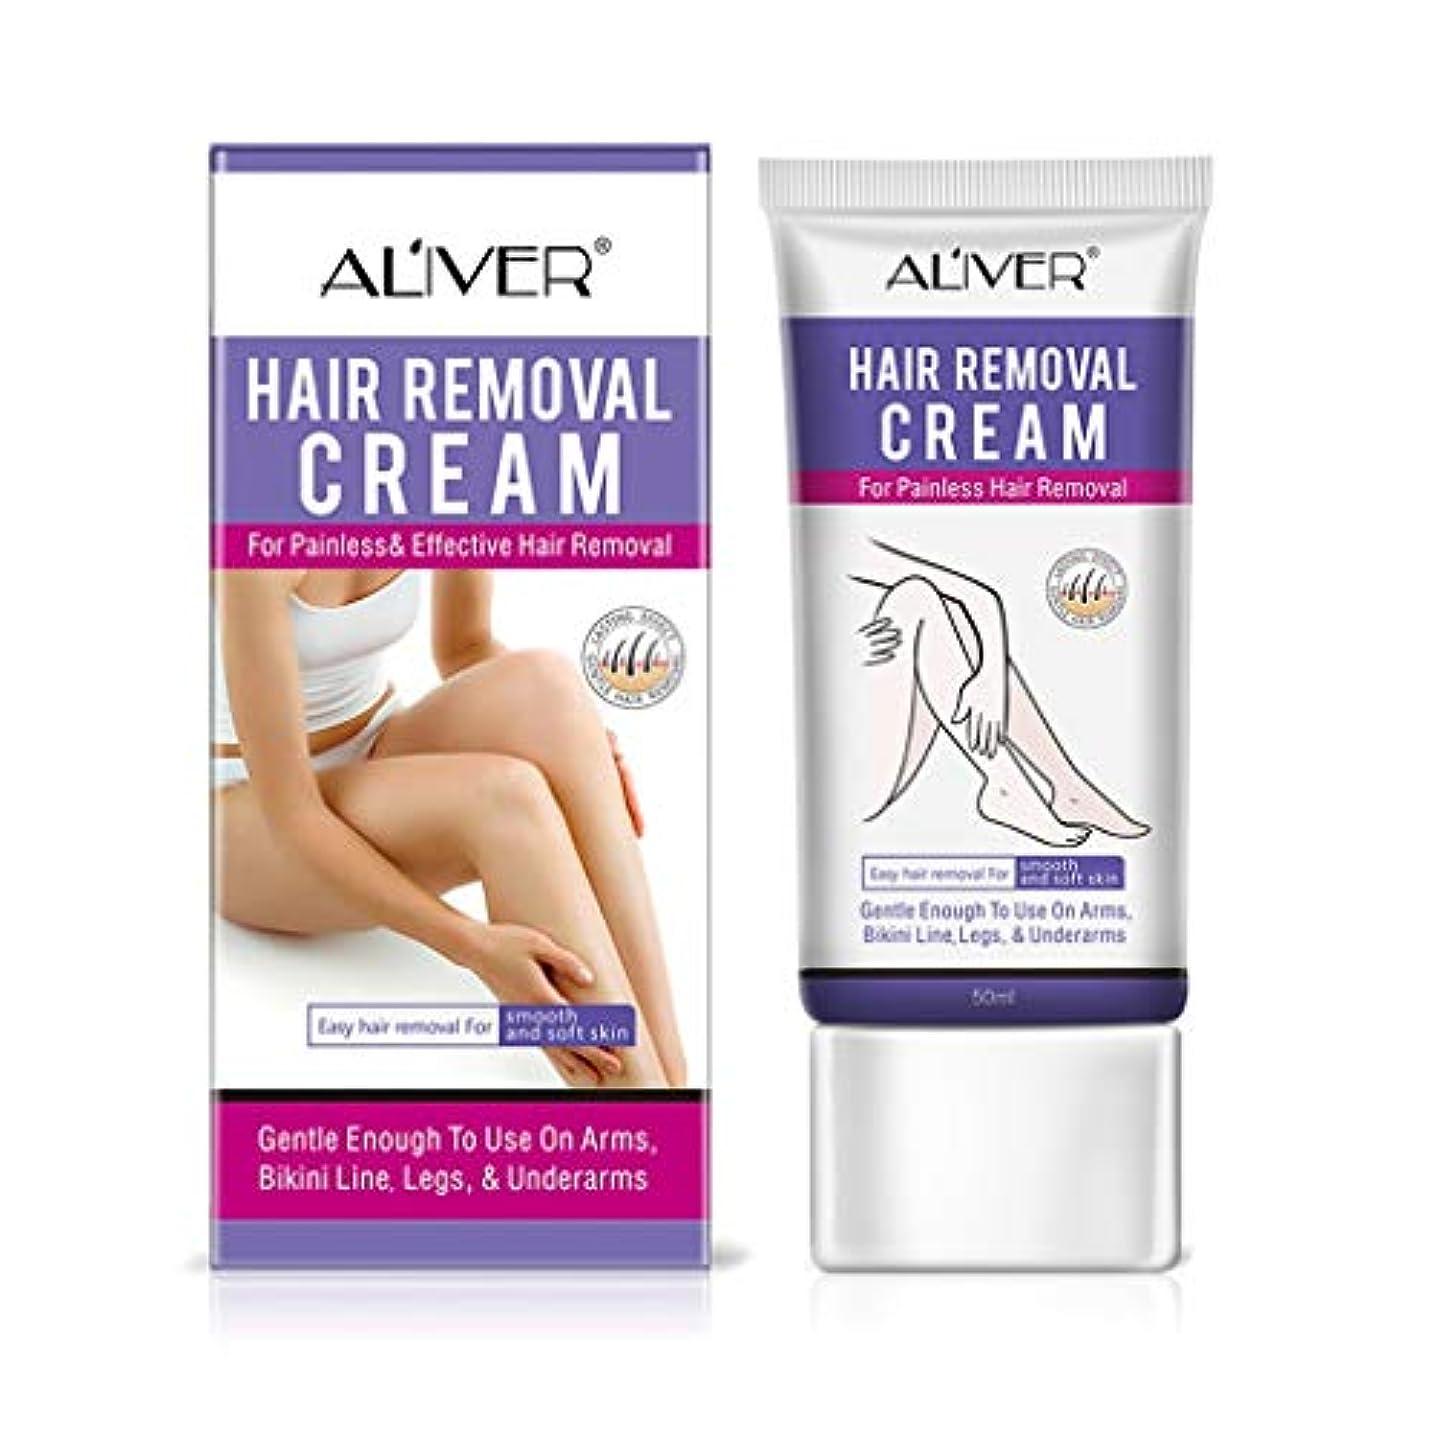 休憩するセメントコントロール脱毛 温和無痛 敏感肌適当な、 腋毛の足の足の毛と太もものためのALIVER脱毛軟膏、安全で便利、細かい髪を取り除き、メイクをより親しみやすくする